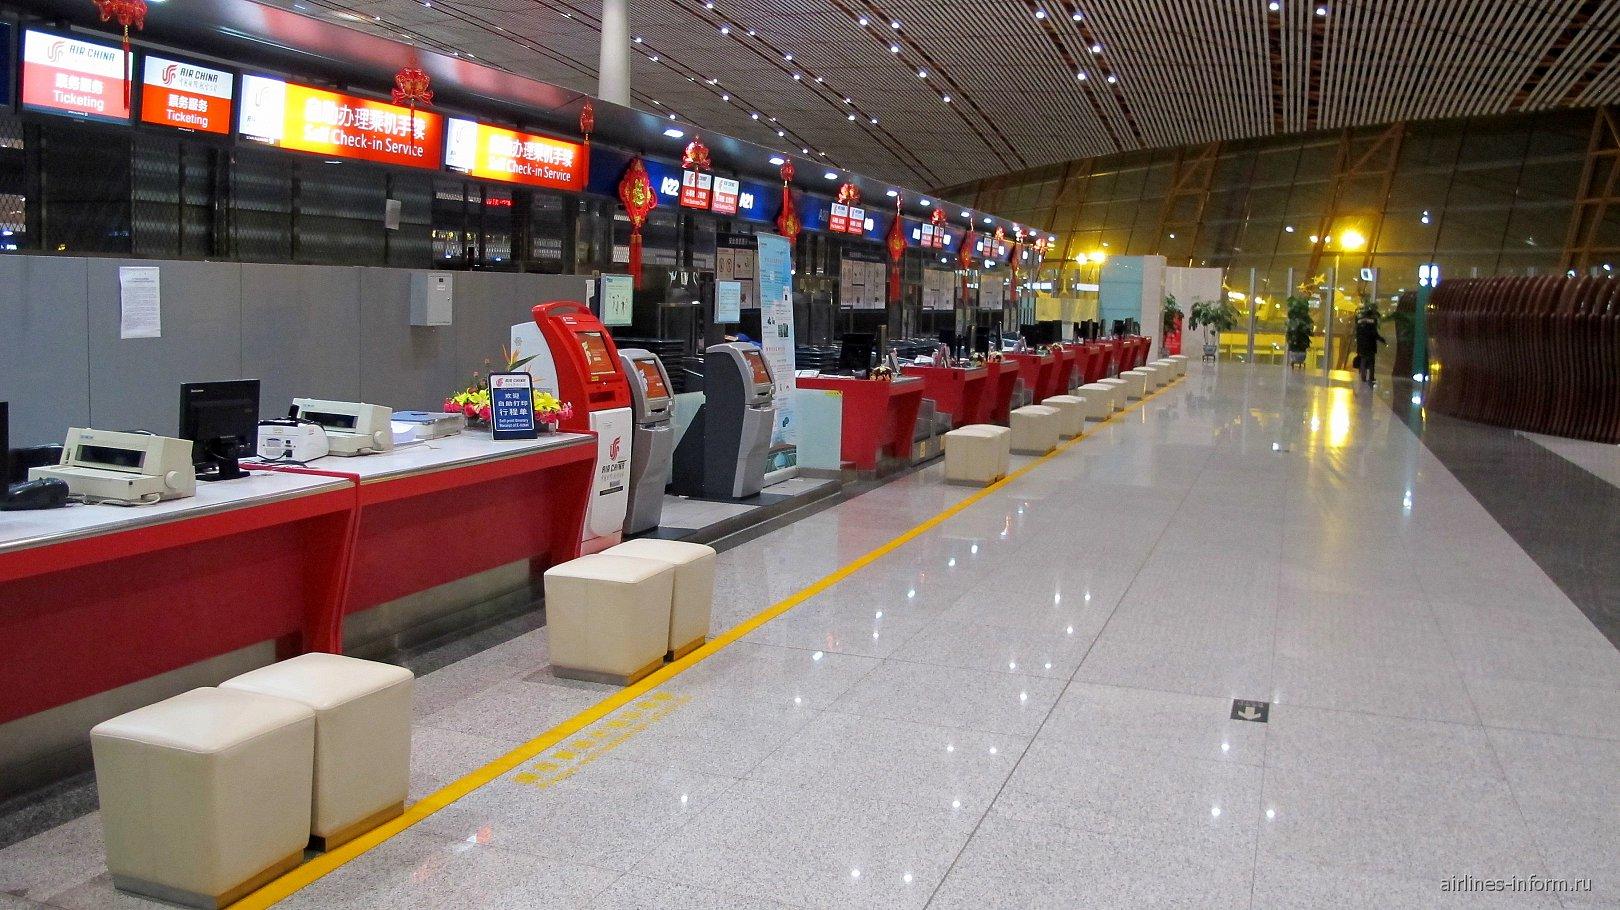 Стойки регистрации пассажиров 1-го и бизнес классов Air China в Т3 аэропорта Пекин Столичный